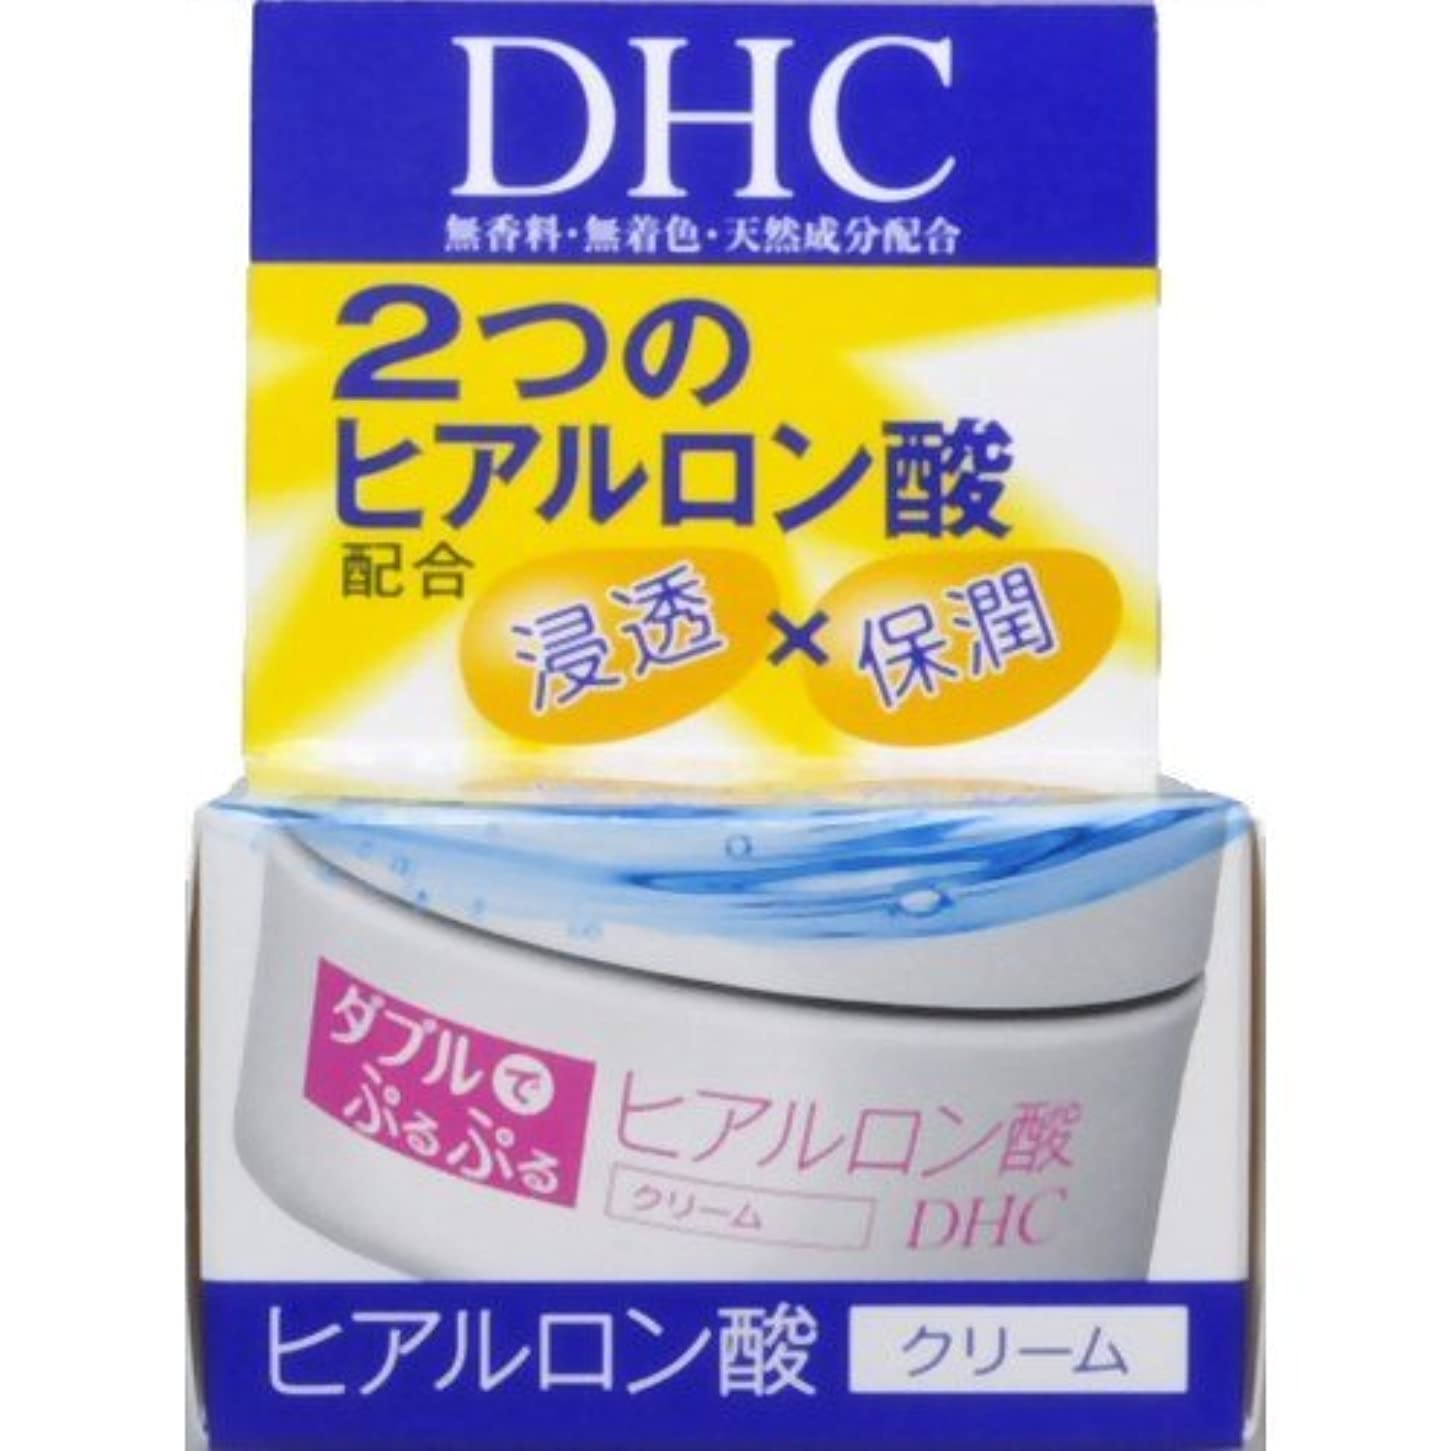 価値のないログ負荷DHC ダブルモイスチュアクリーム 50g